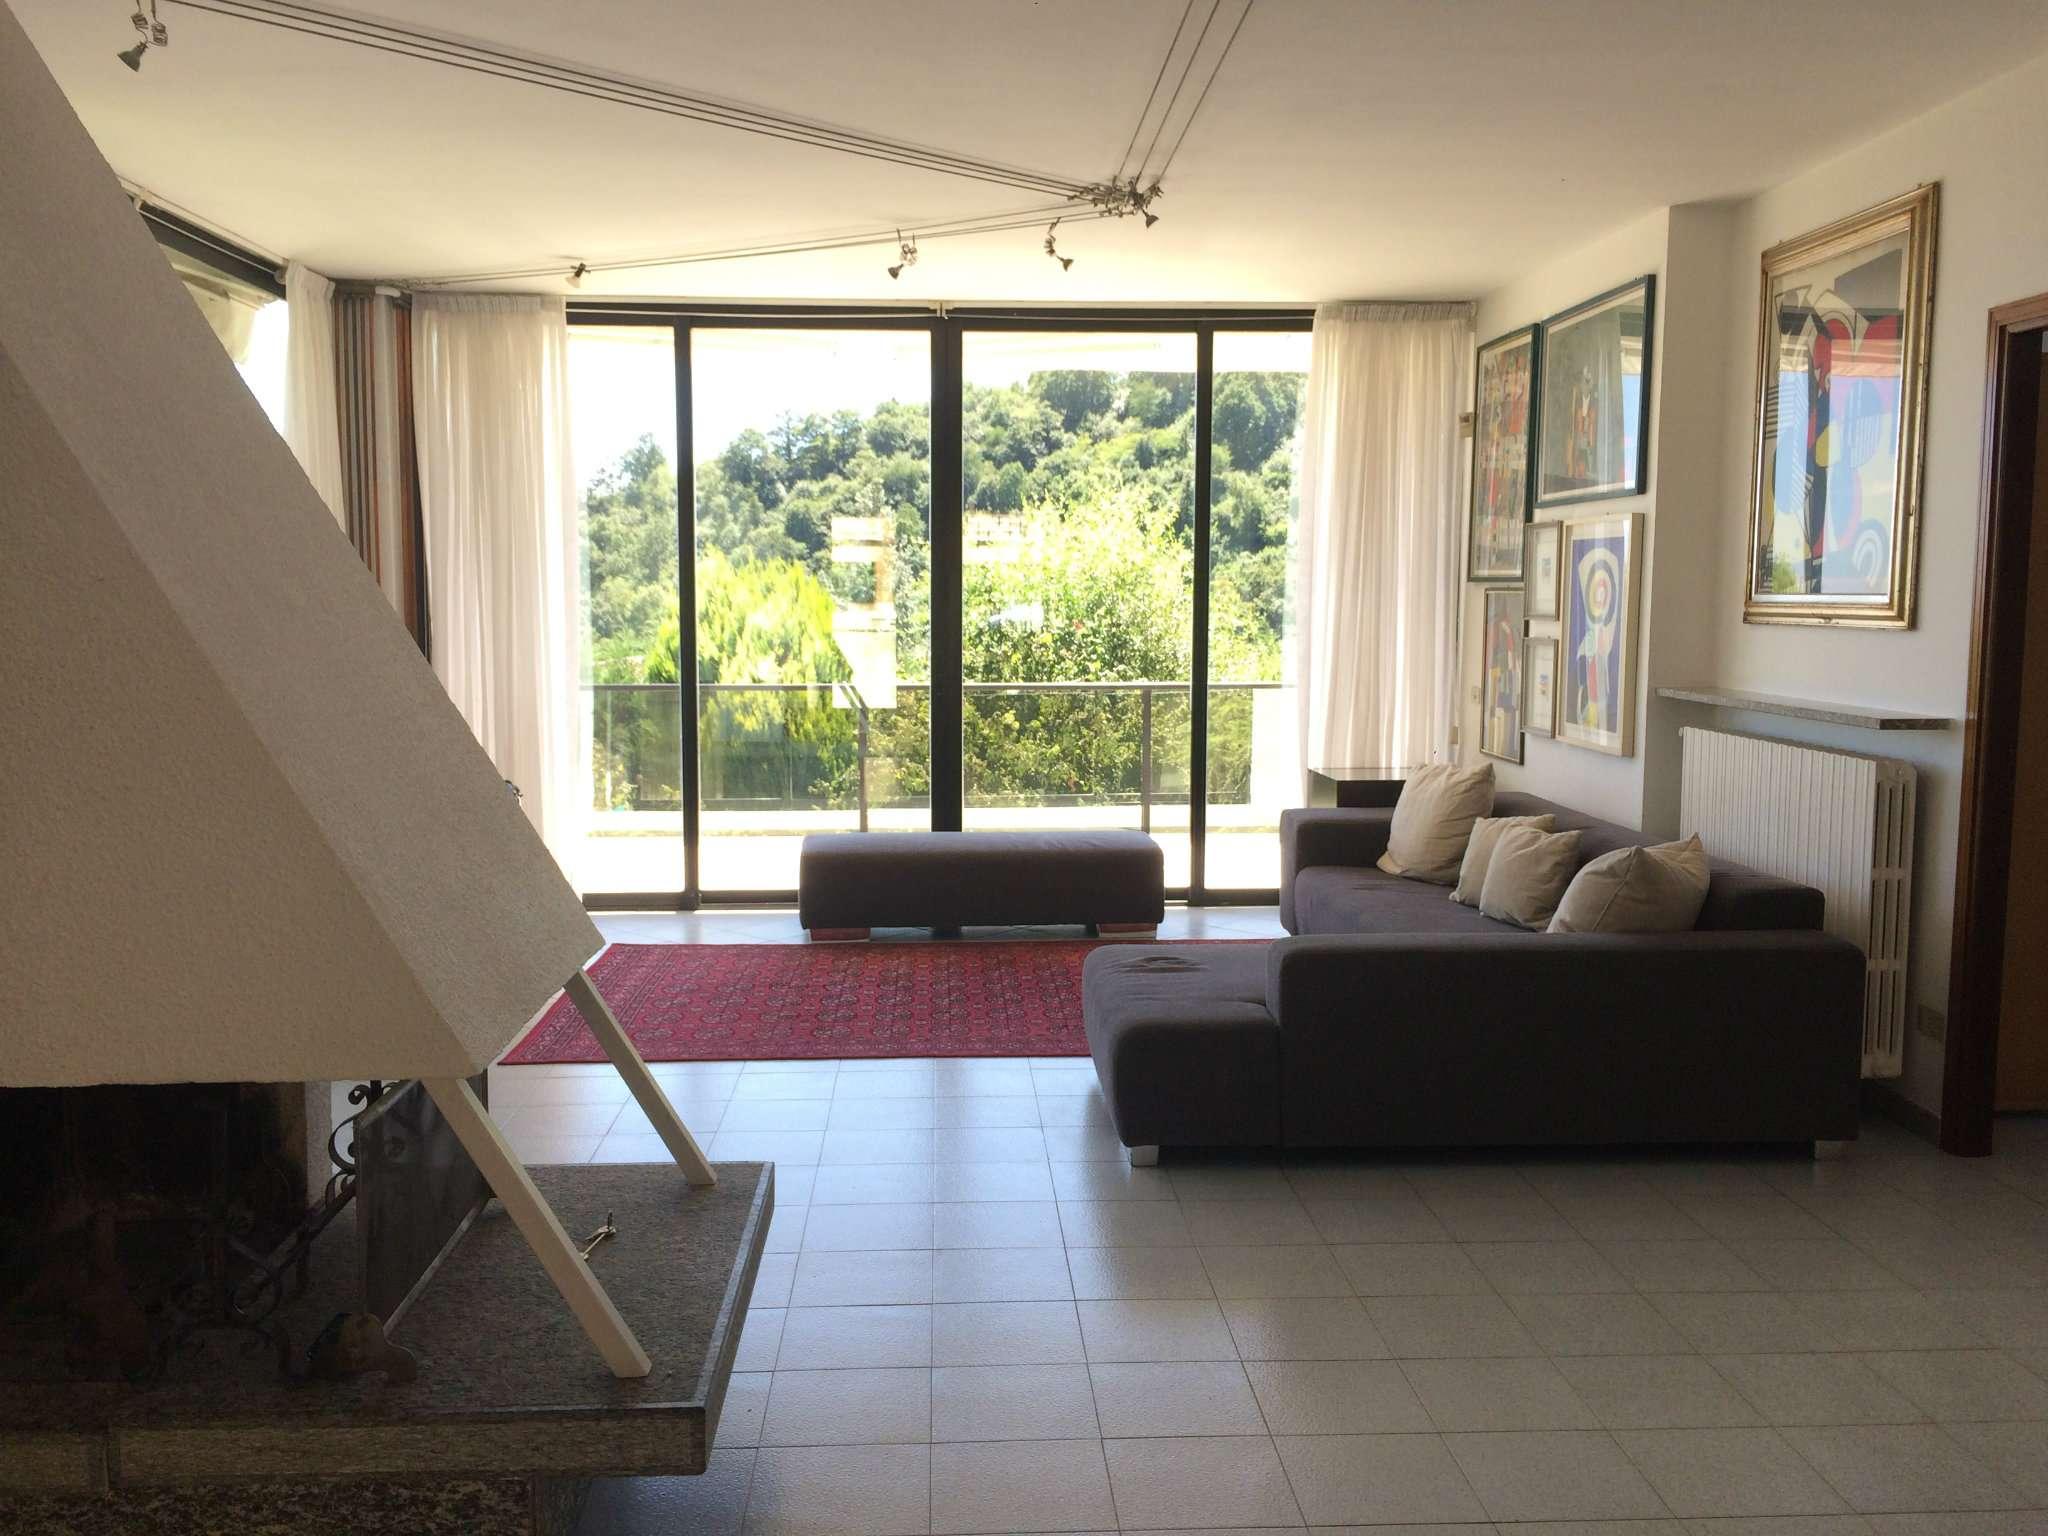 Villa Bifamiliare in affitto a Pecetto Torinese, 7 locali, prezzo € 1.500   PortaleAgenzieImmobiliari.it